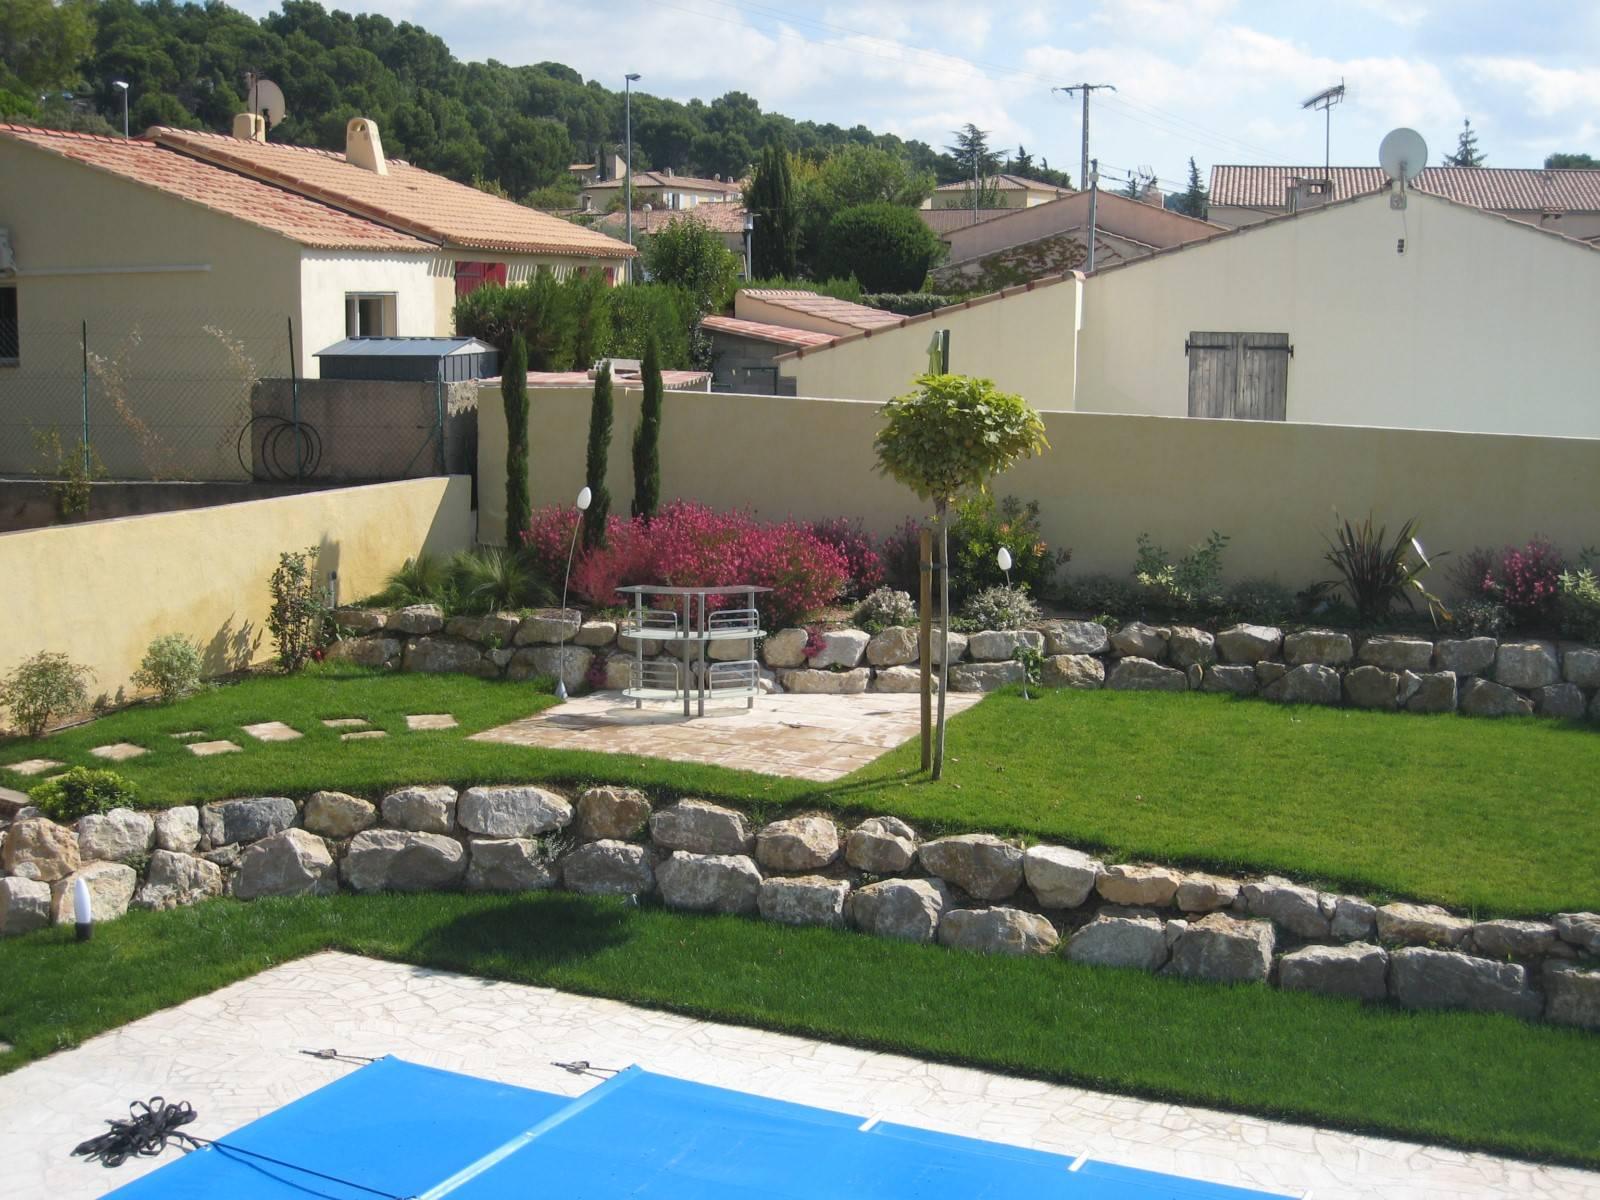 Aménagement d un jardin autour d une piscine à Velaux